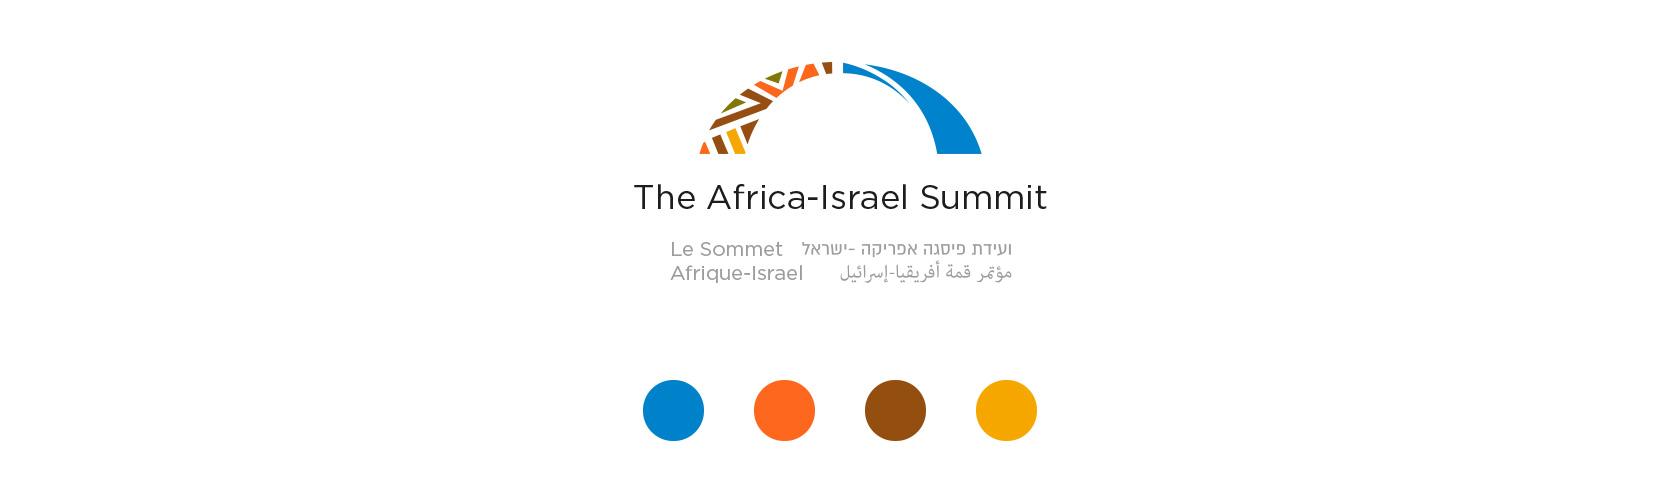 ועידת פיסגה אפריקה – ישראל